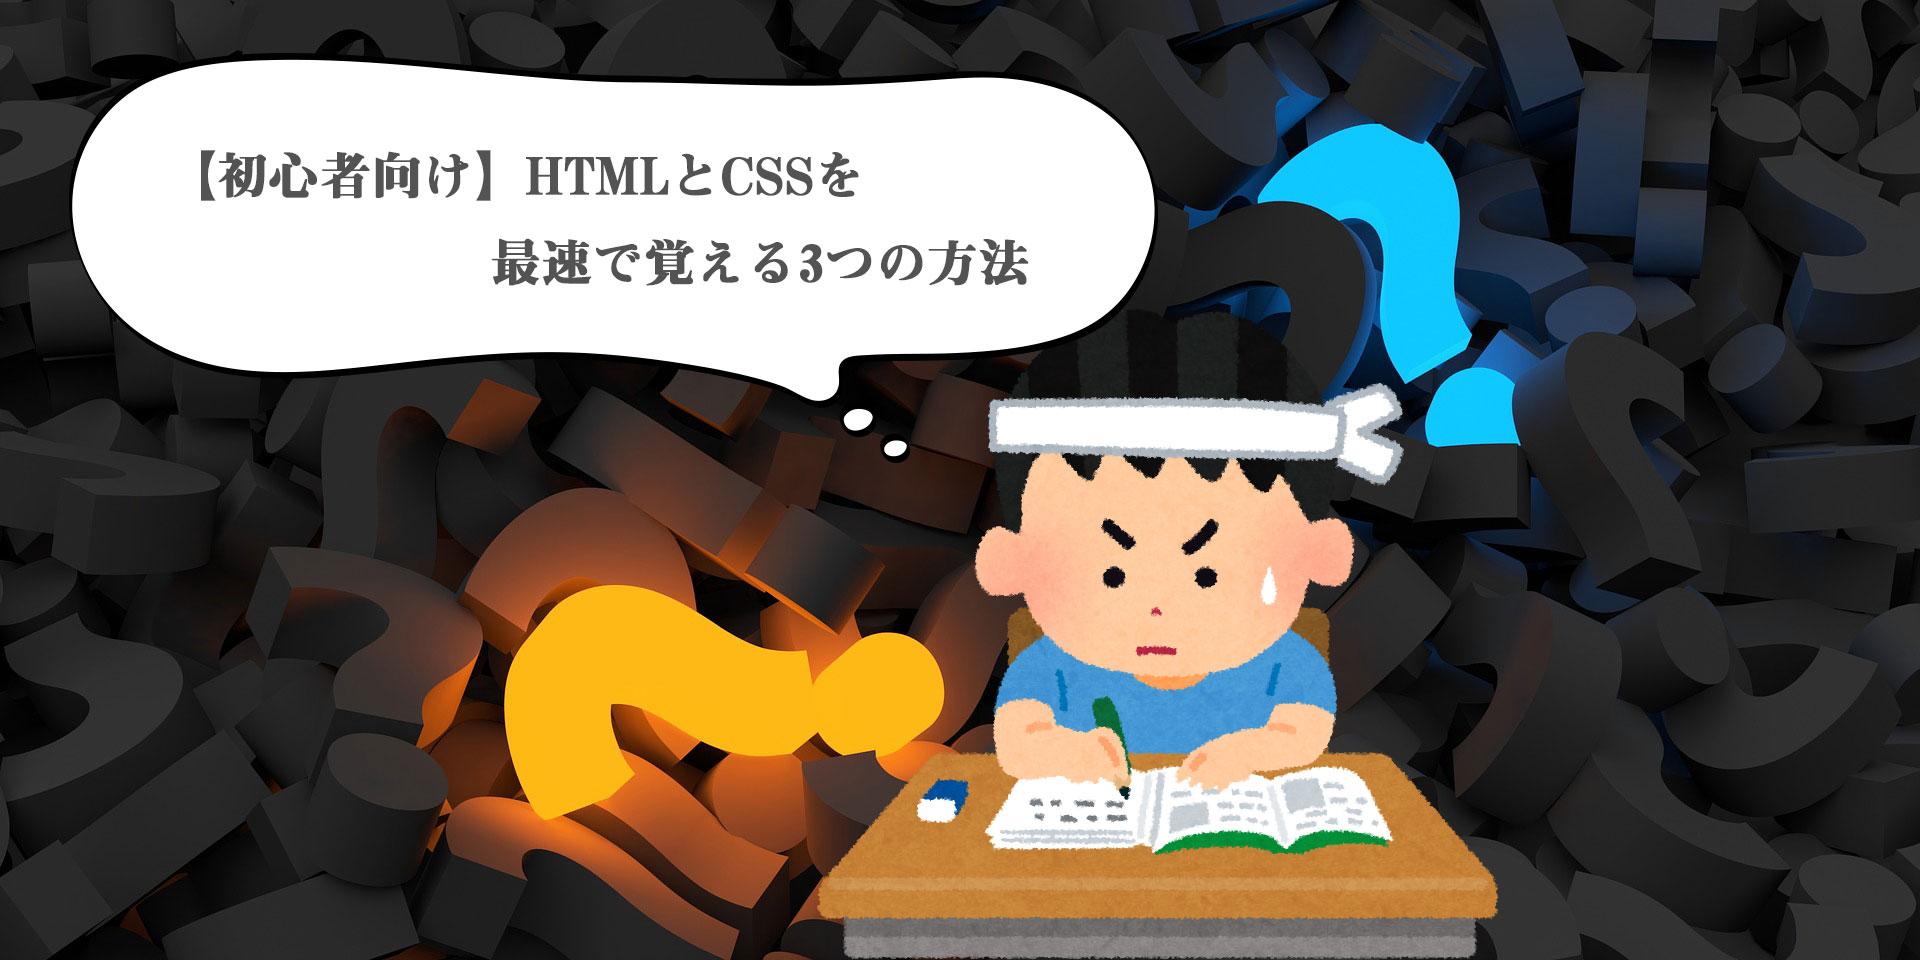 【初心者向け】HTMLとCSSを最速で覚える3つの手順